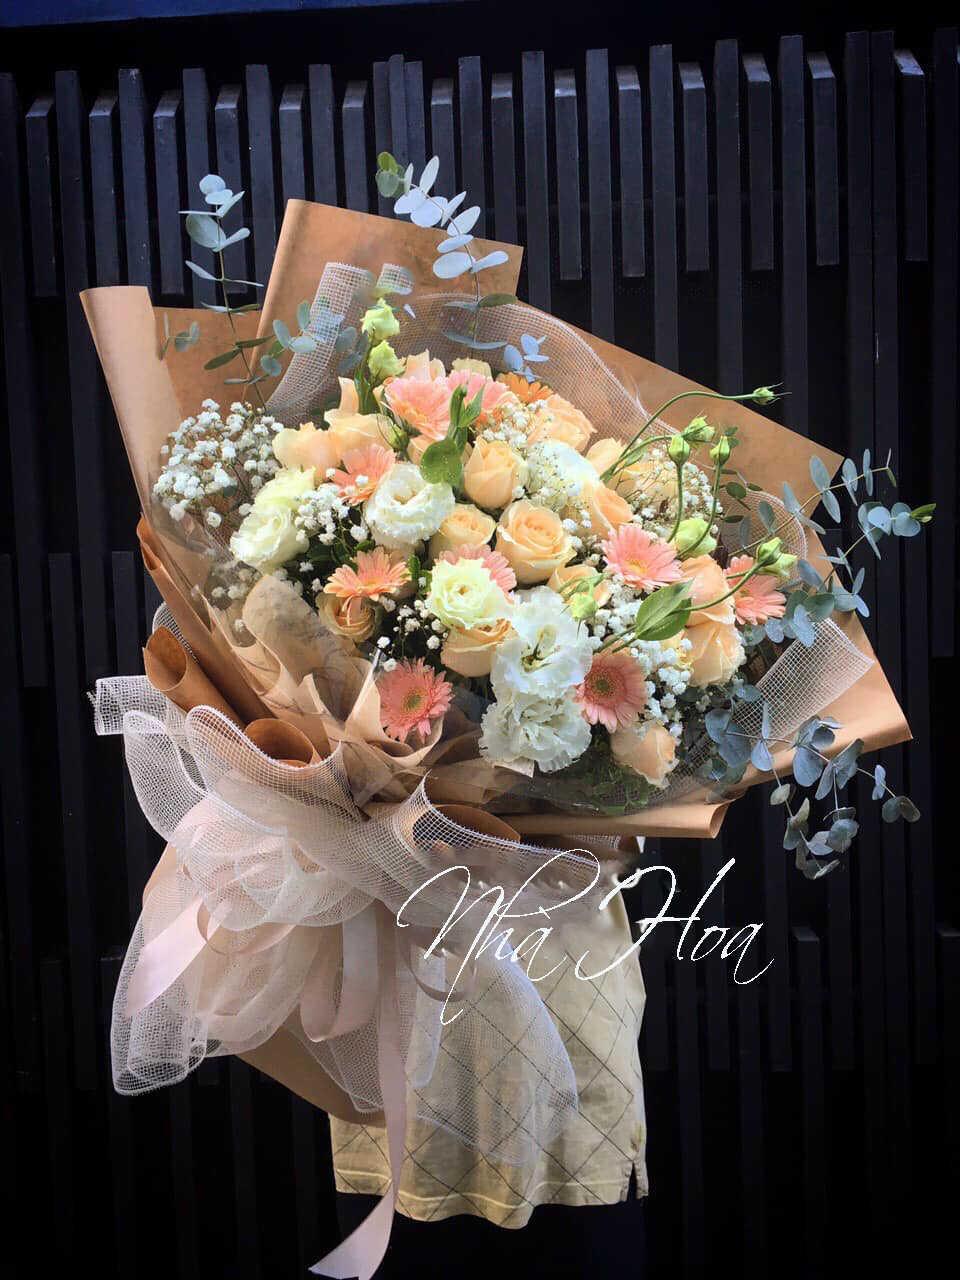 Mua hoa tươi giá rẻ ở đâu tại Hồ Chí Minh